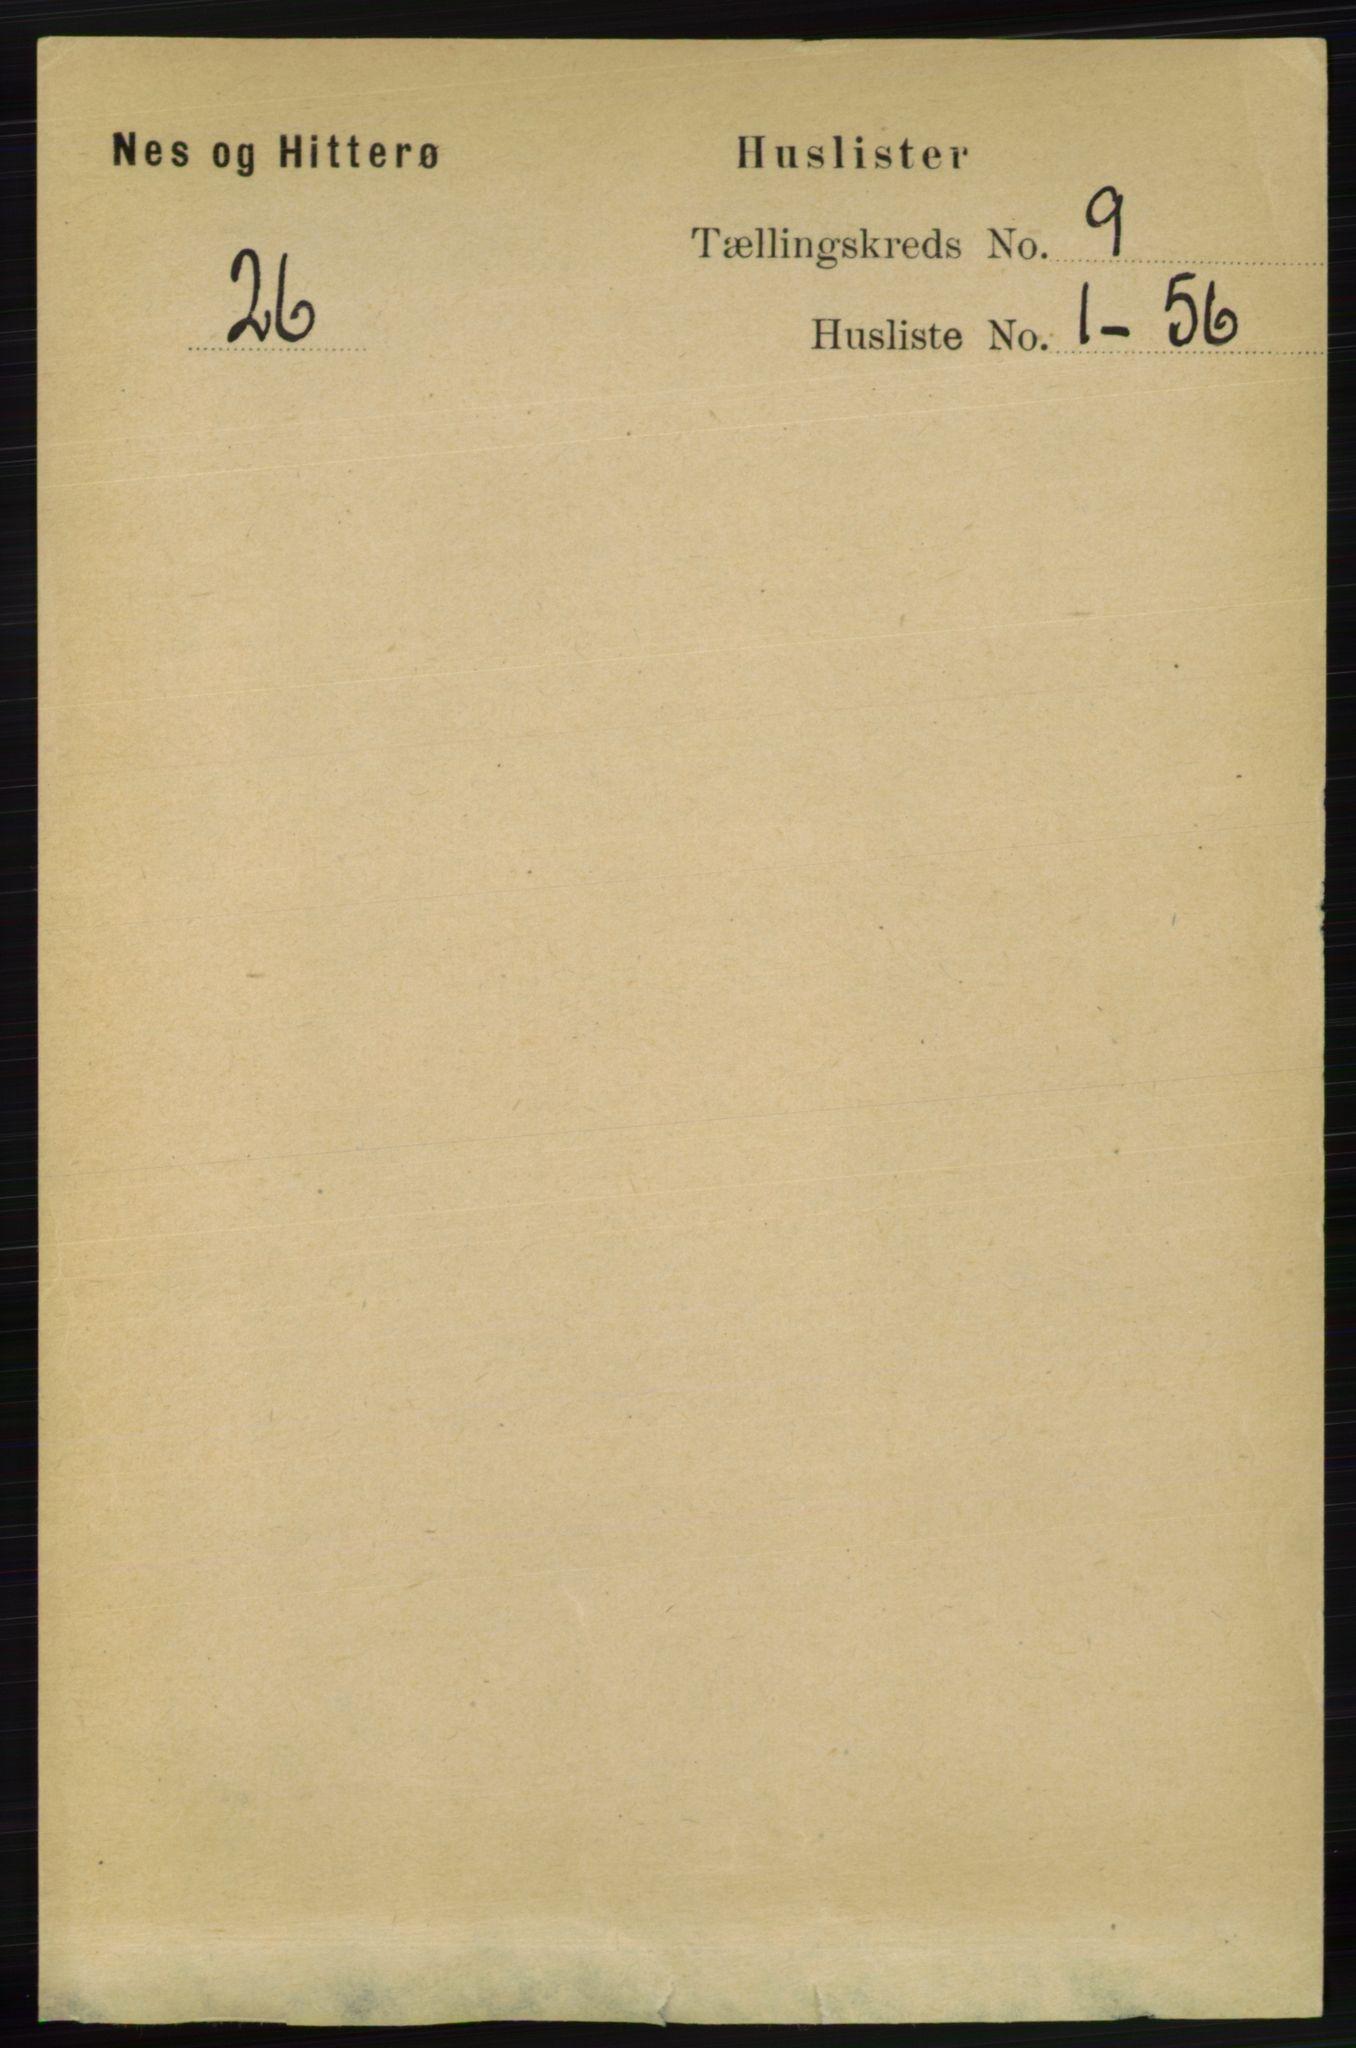 RA, Folketelling 1891 for 1043 Hidra og Nes herred, 1891, s. 3705